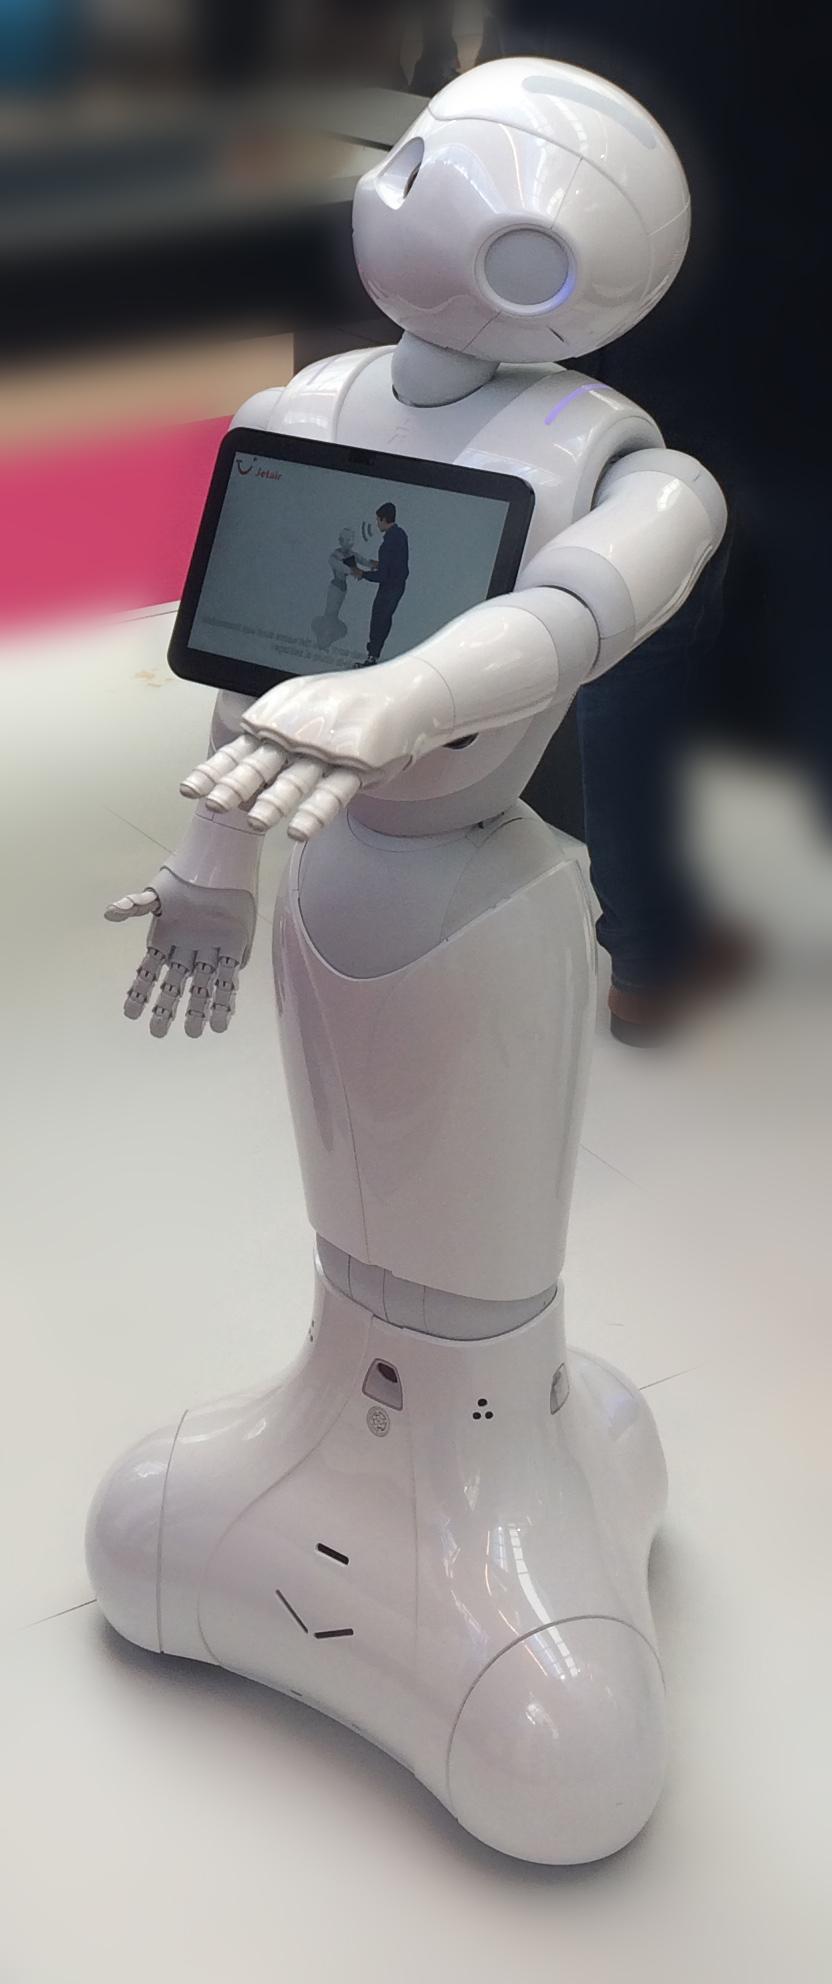 Le robot Pepper au salon Paris Retail Week -digital-in-store